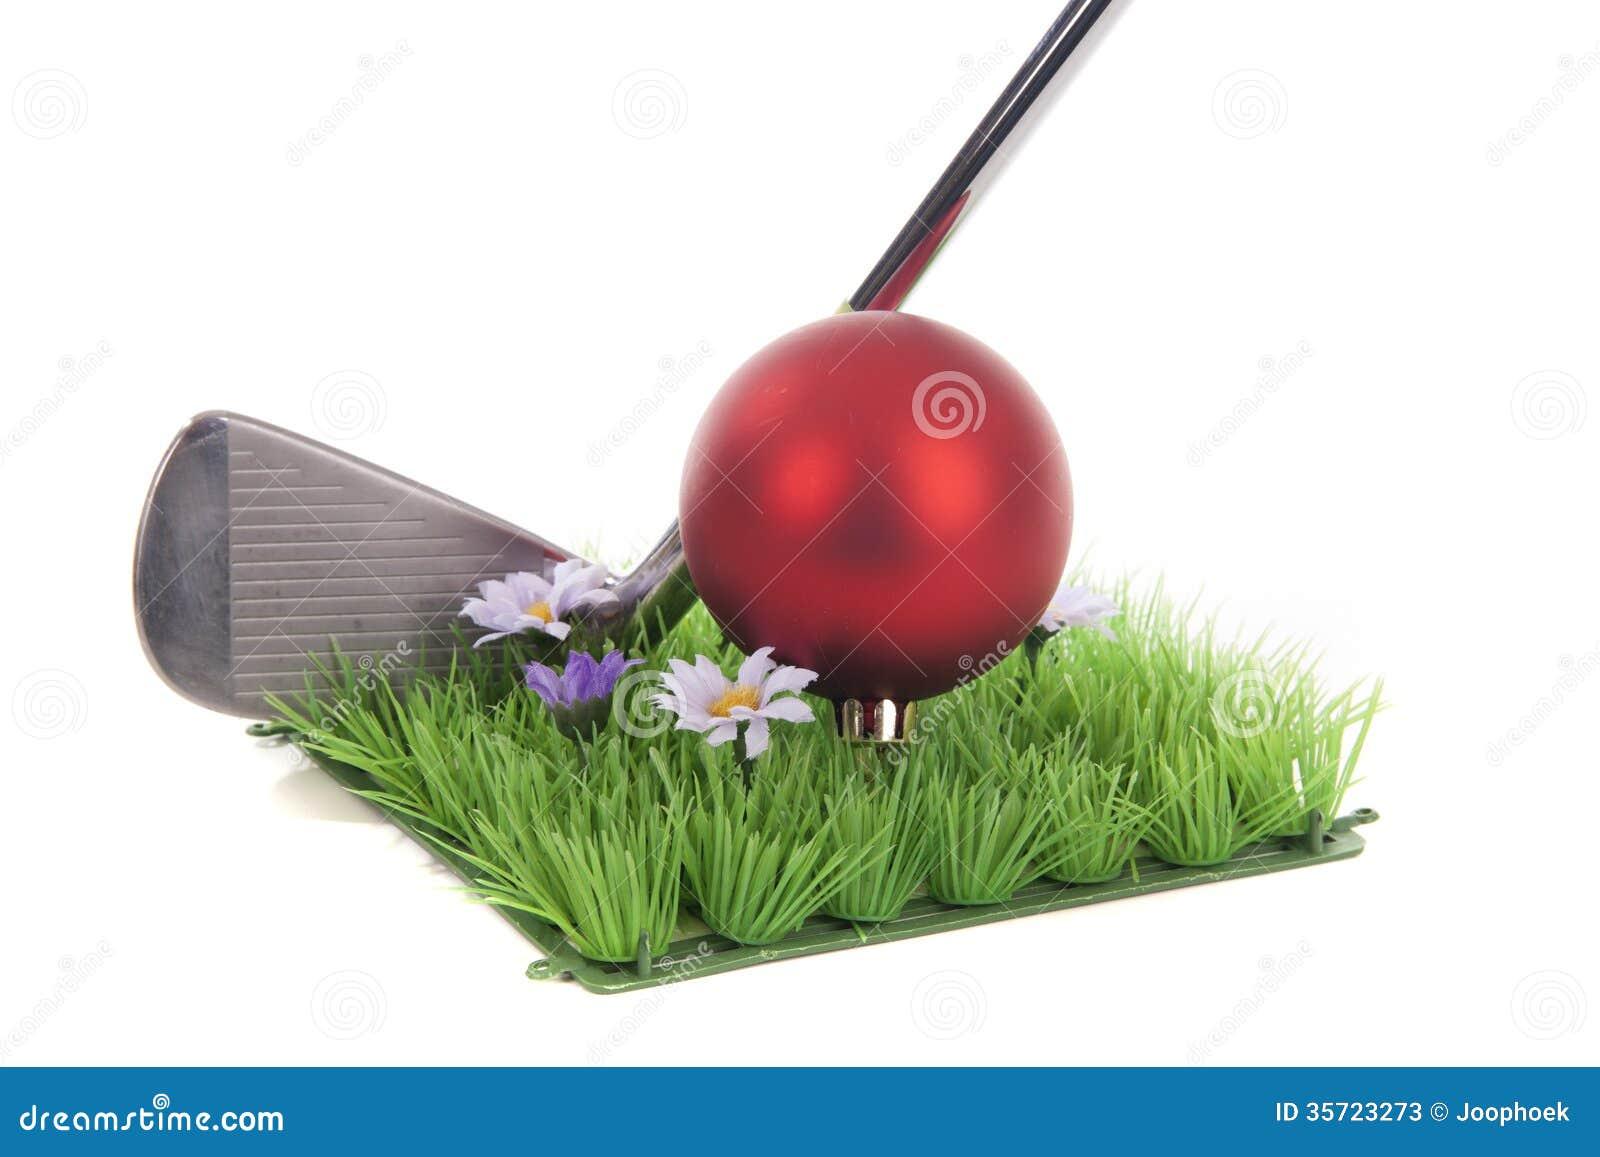 Golf And Christmas Stock Photos Image 35723273